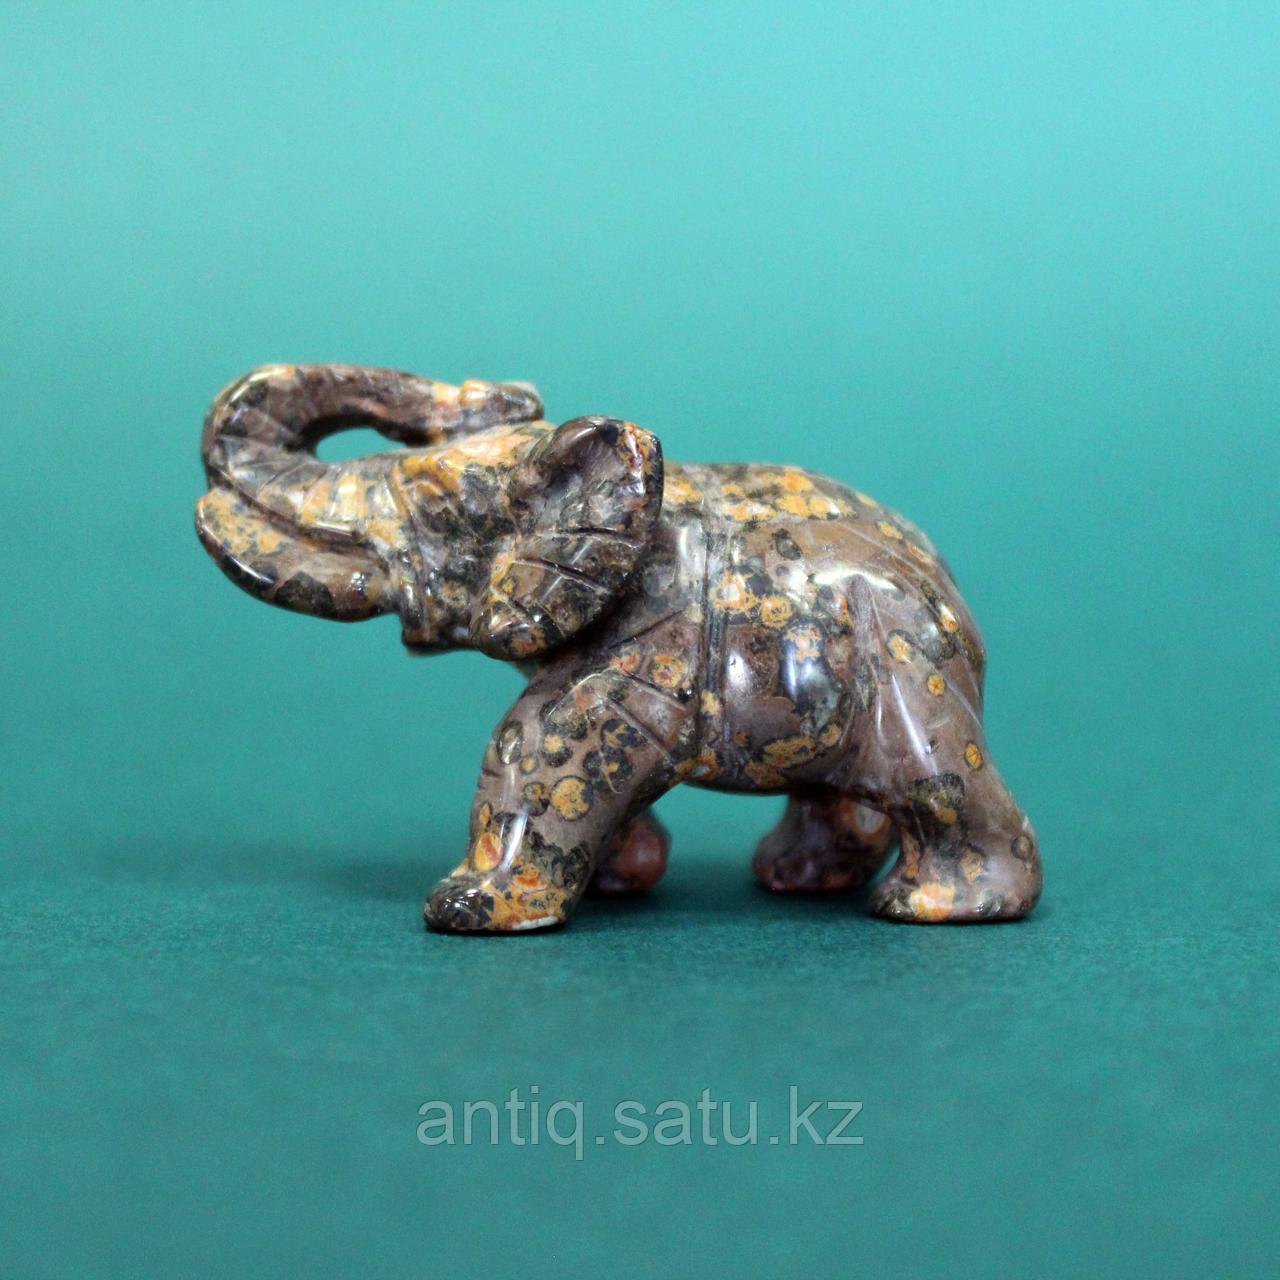 Слон из натурального камня. - фото 5